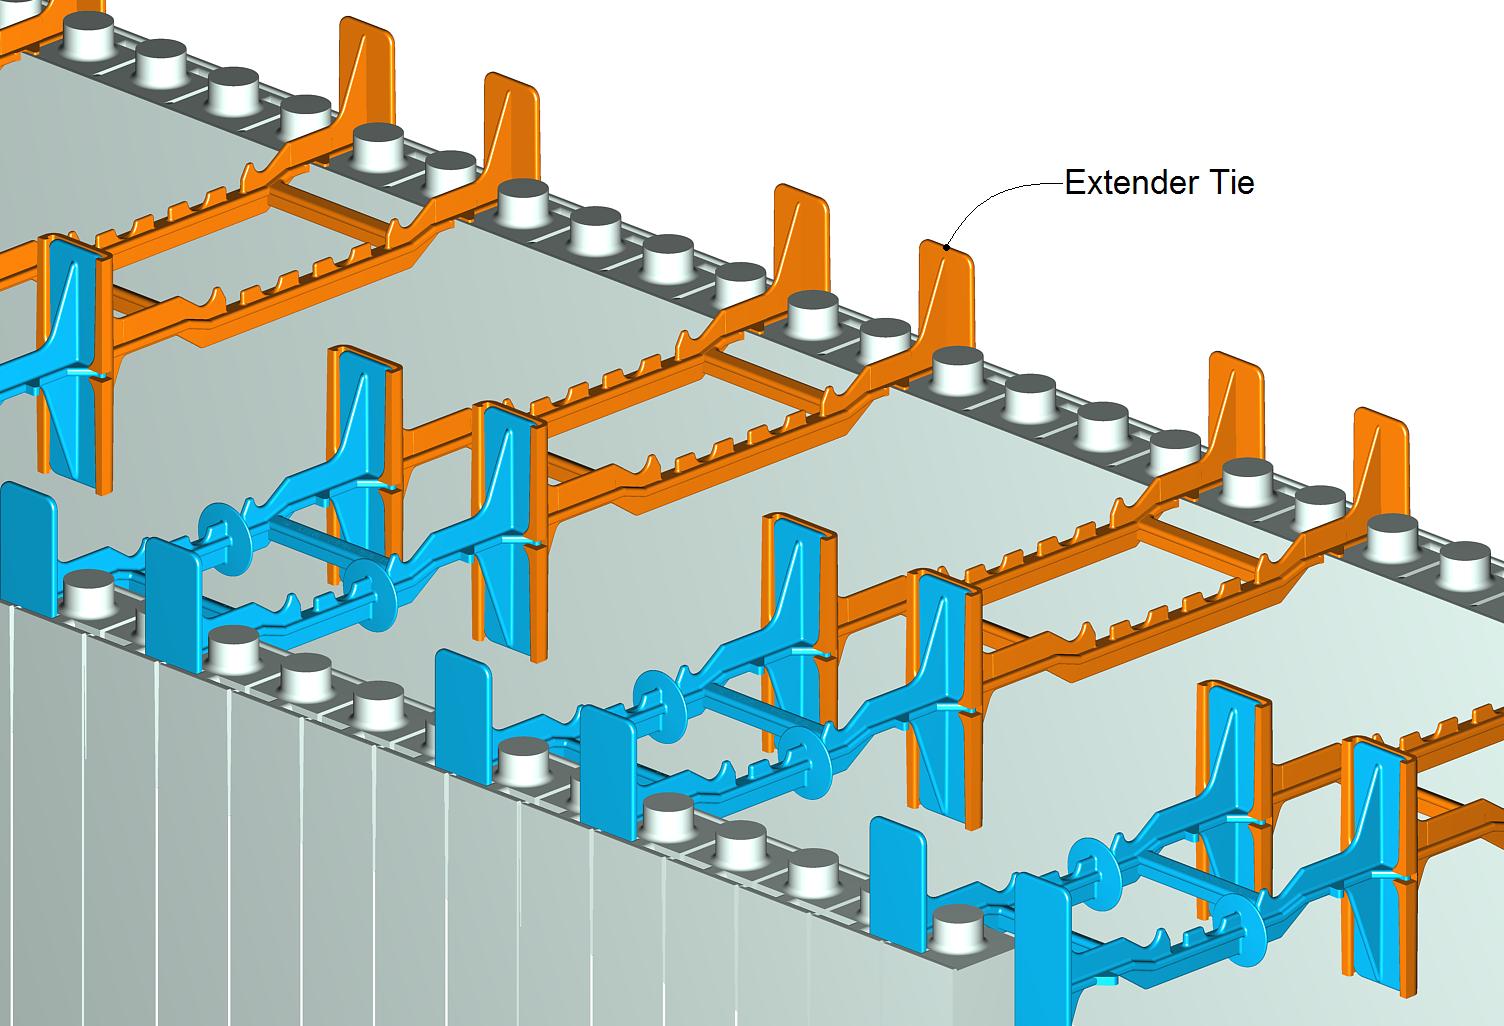 icf_extender_tie_18in